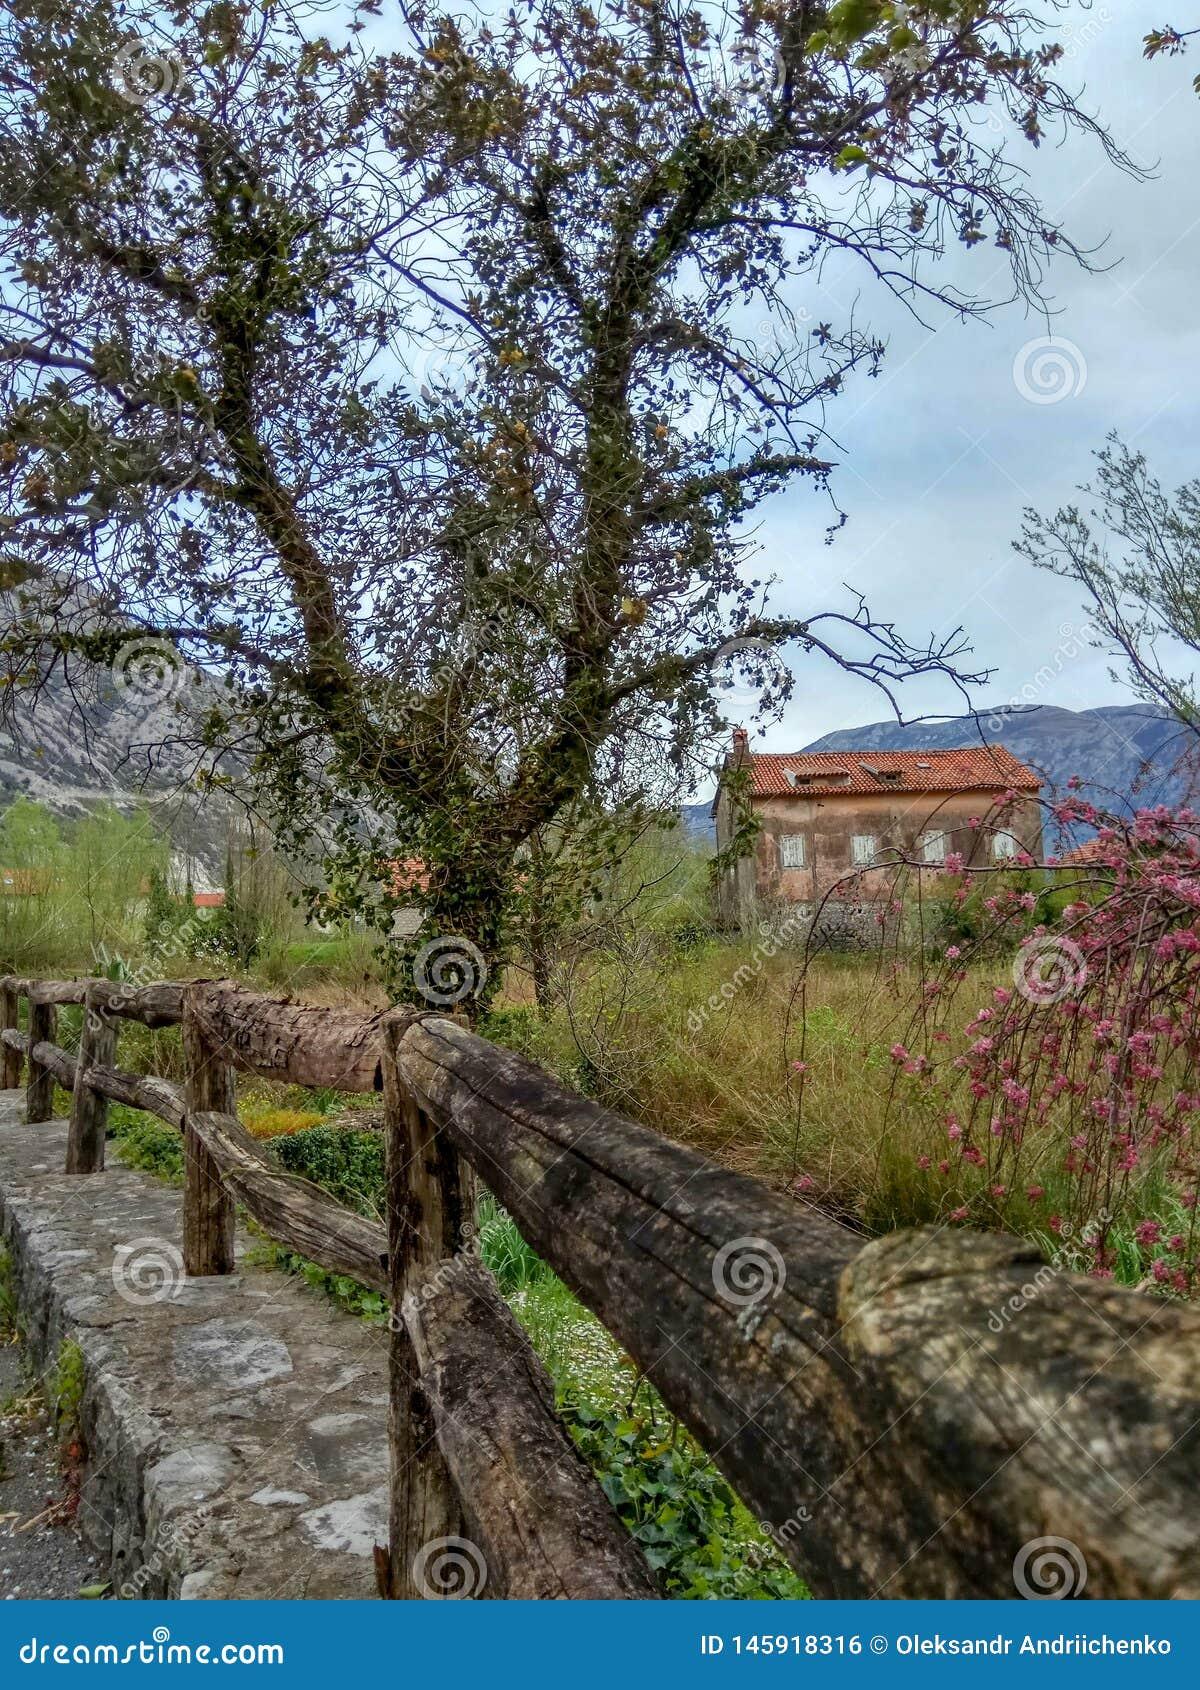 Cerca de madeira e casa velha em uma vila